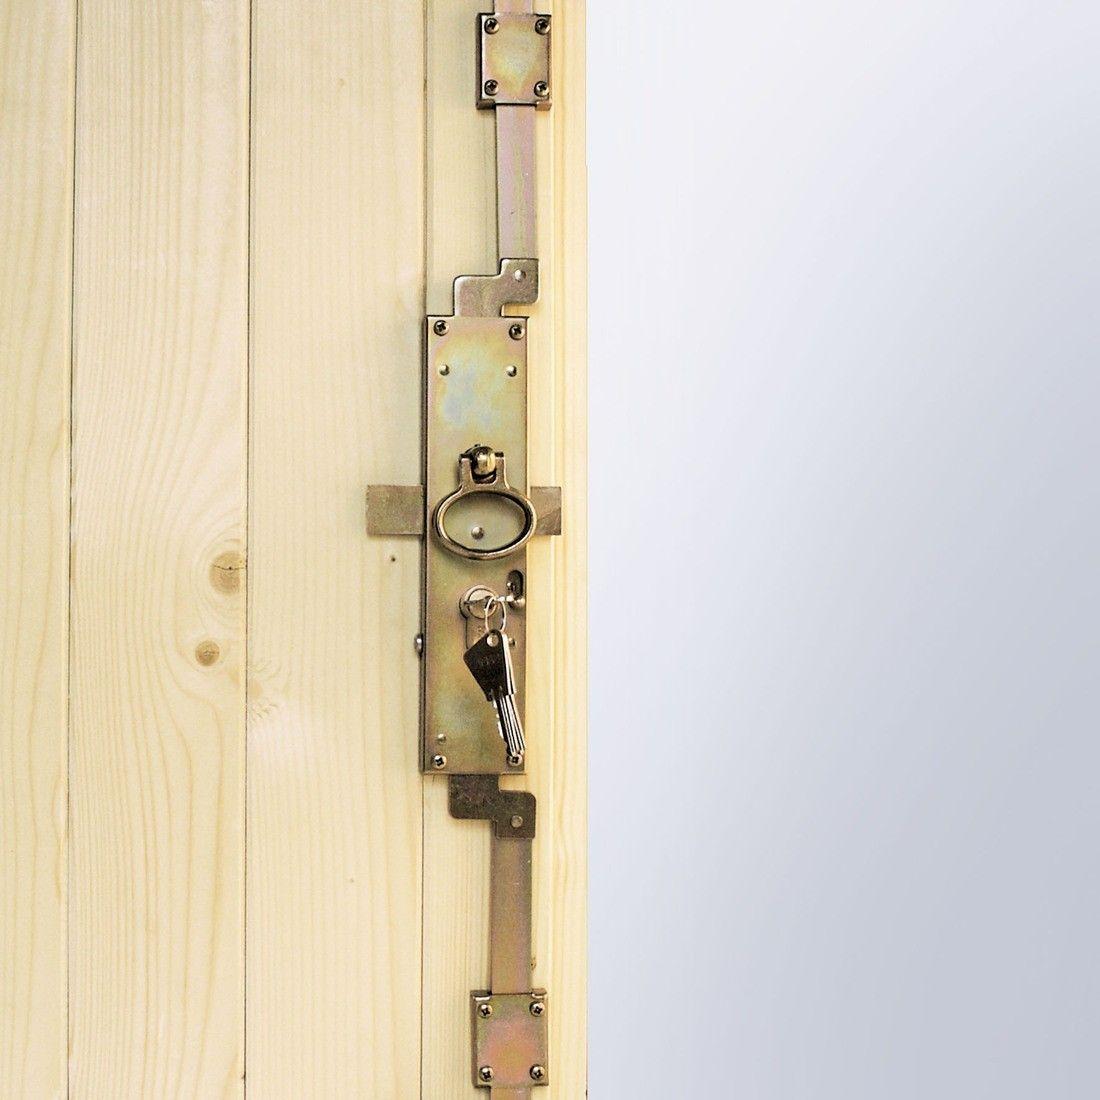 Serrure Porte De Garage 3 Points Portes Vantaux 32mm Barres Et Charpes En Bois Avec Serrure Porte Porte Garage Garage